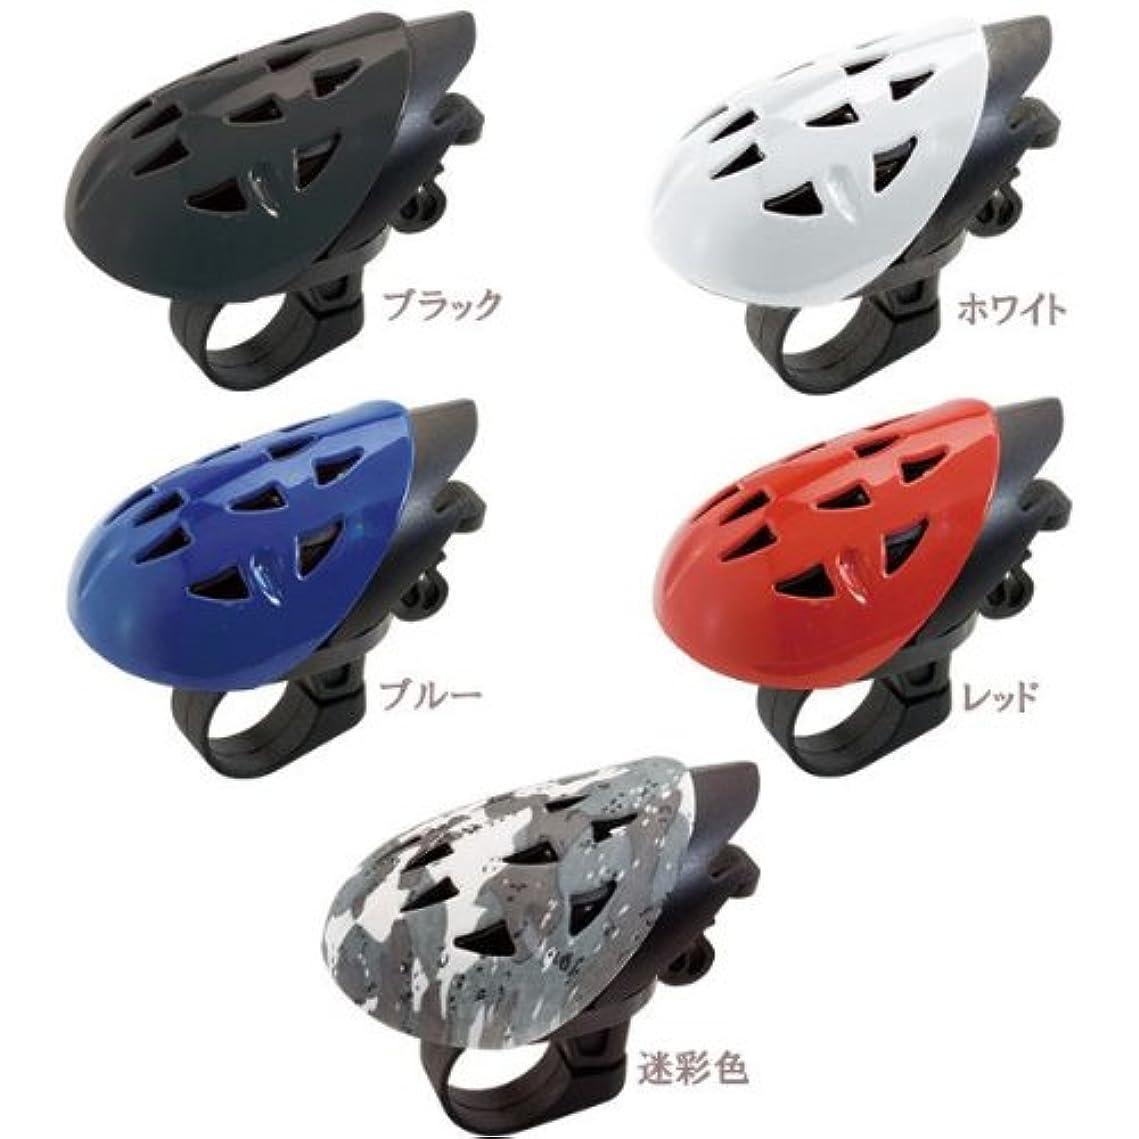 嘆願スペイン語ベッドGP(ギザ プロダクツ) ベル 058 ヘルメット ホワイト